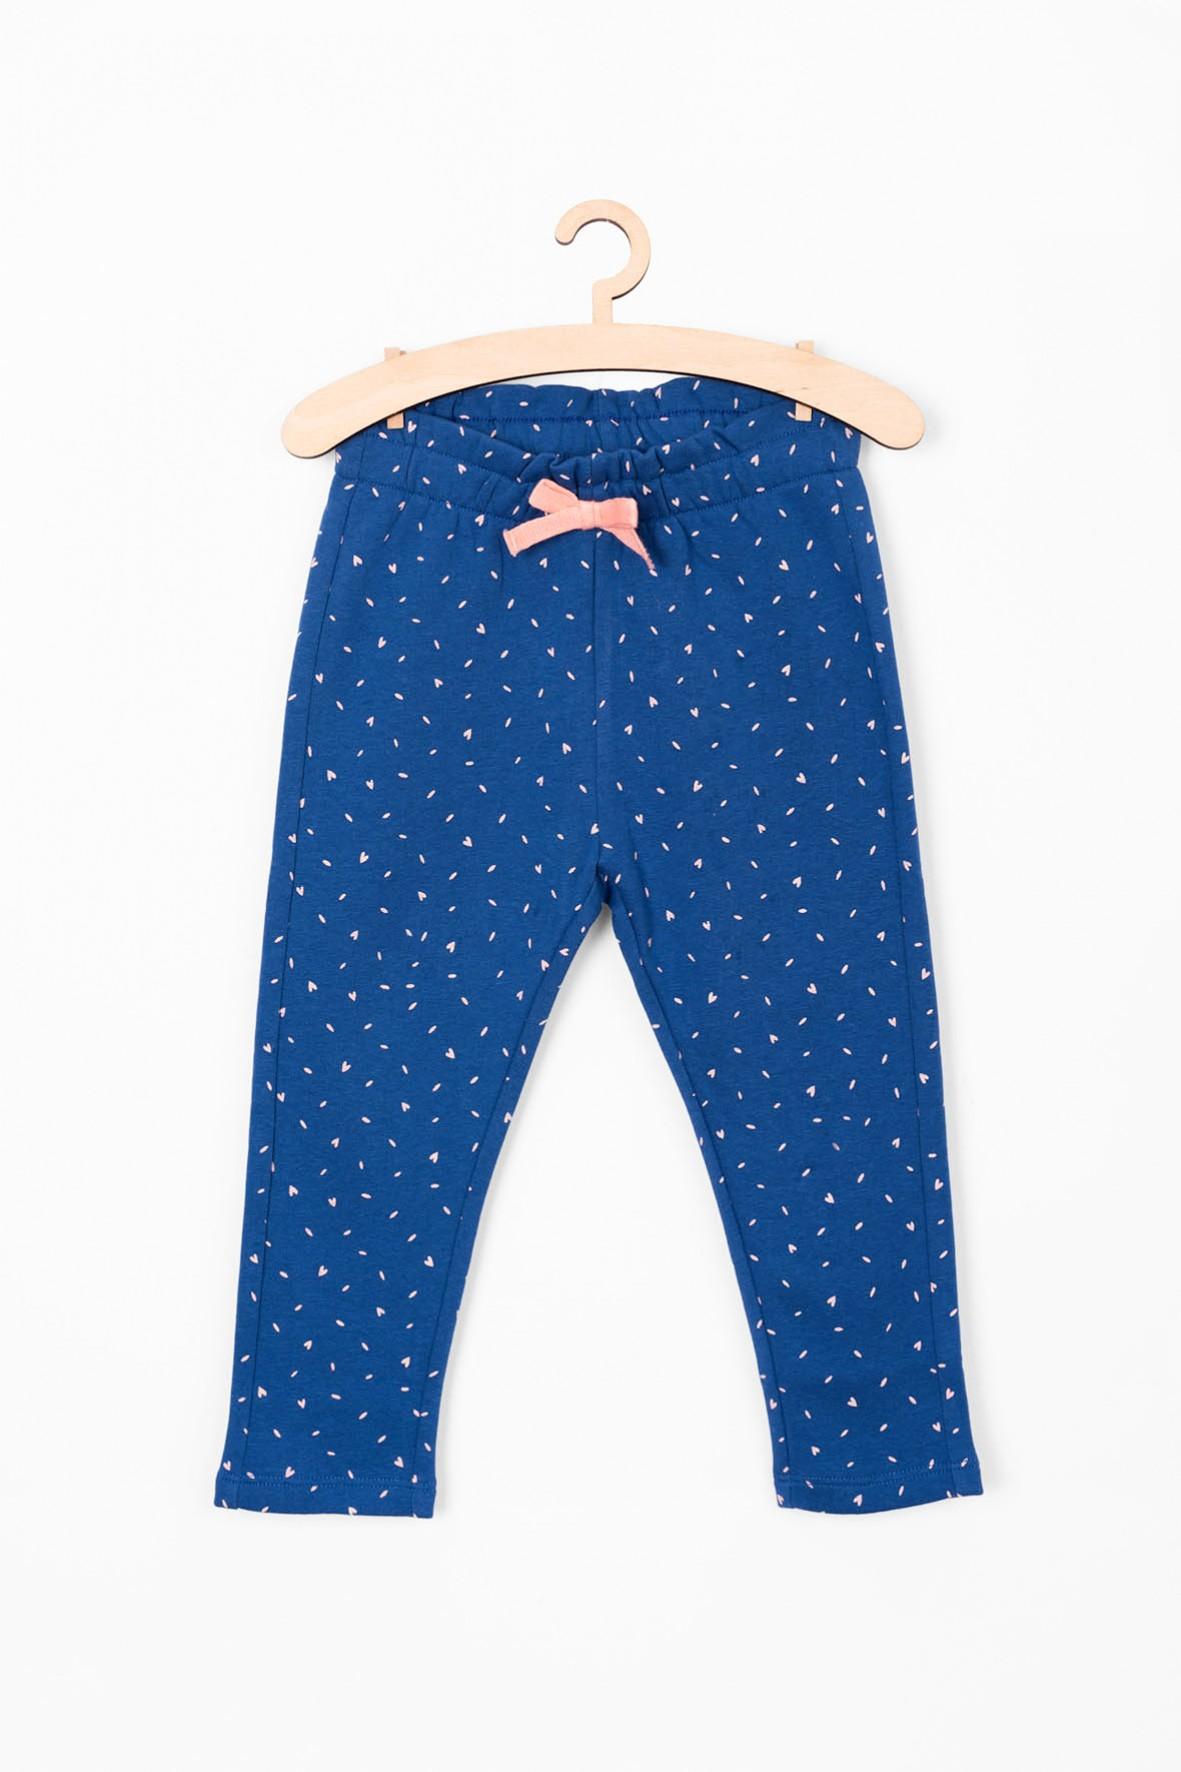 Spodnie niemowlęce niebieskie we wzorki